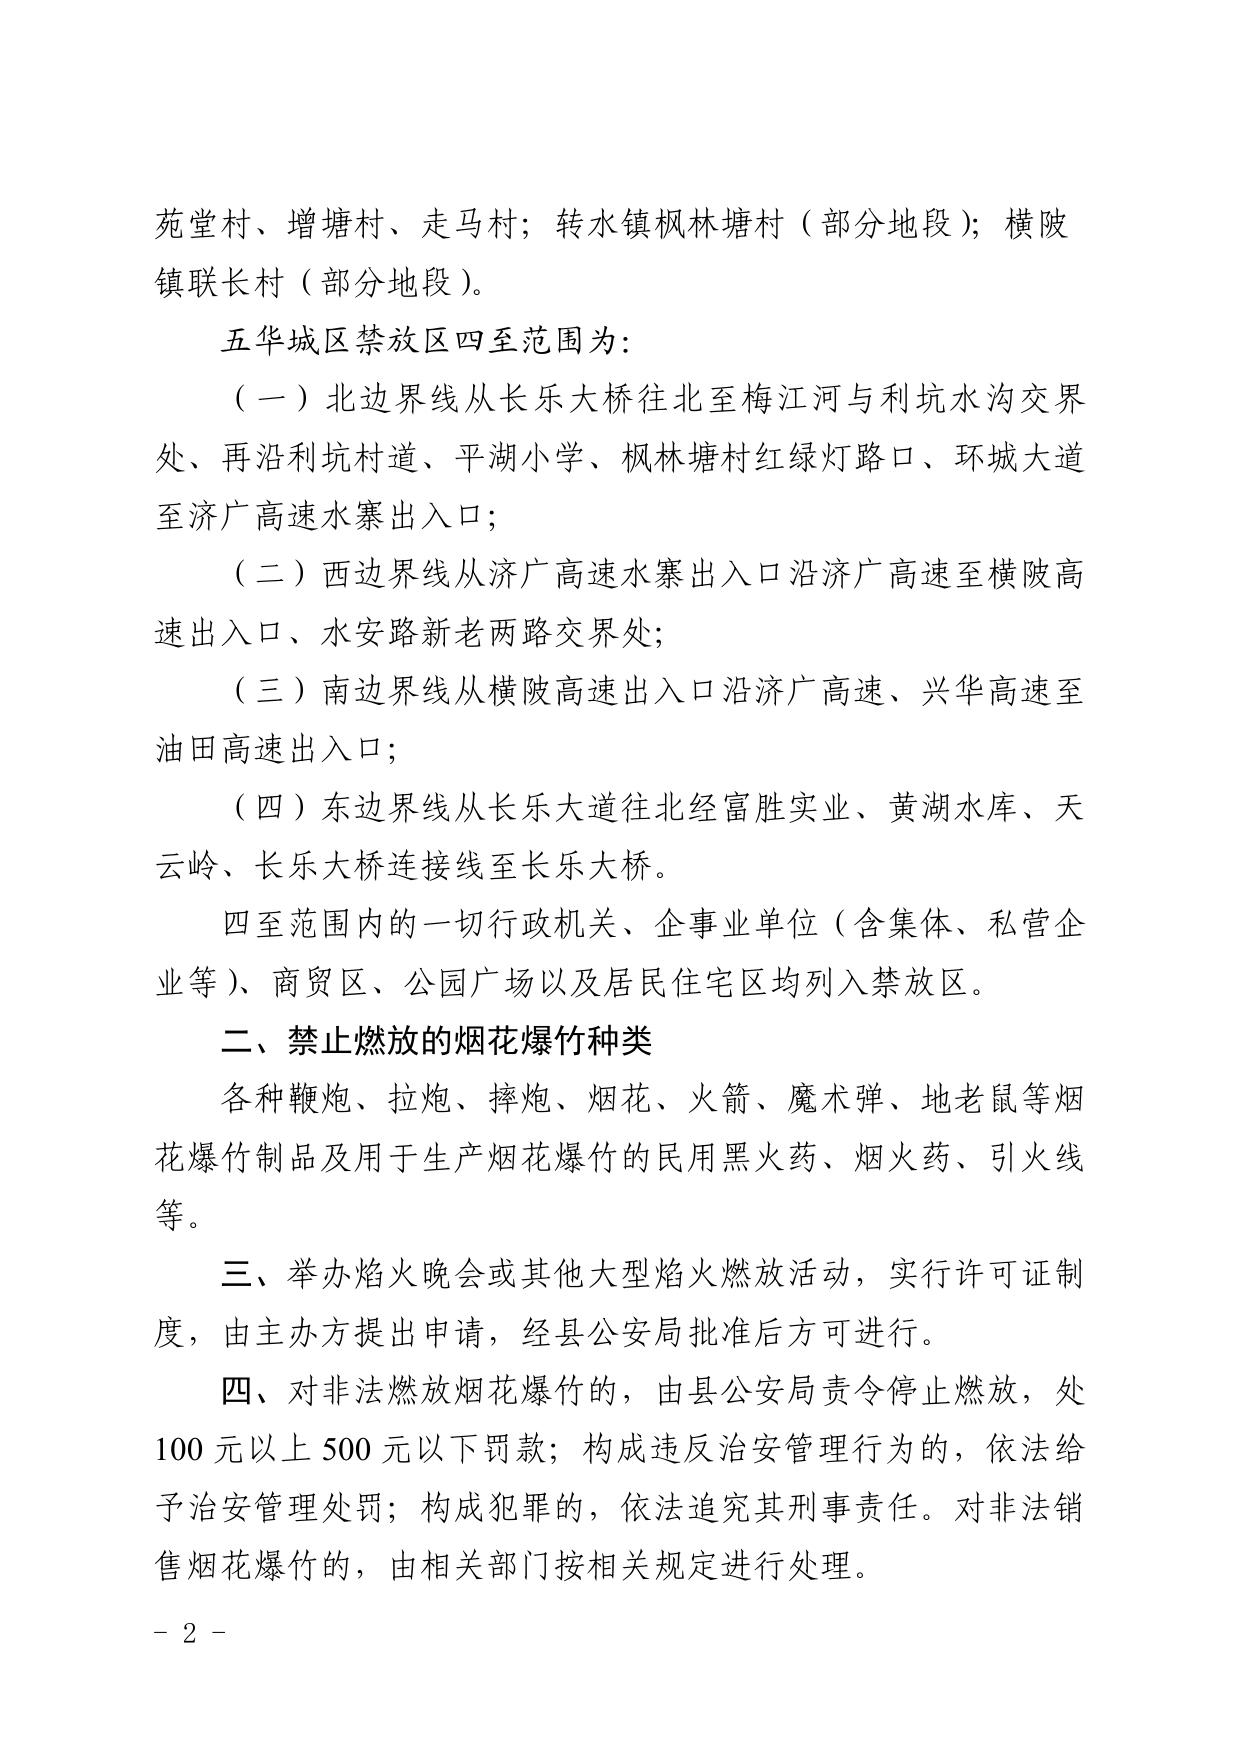 1号 五华县人民政府关于扩大五华城区烟花爆竹禁放区的通告0001.jpg